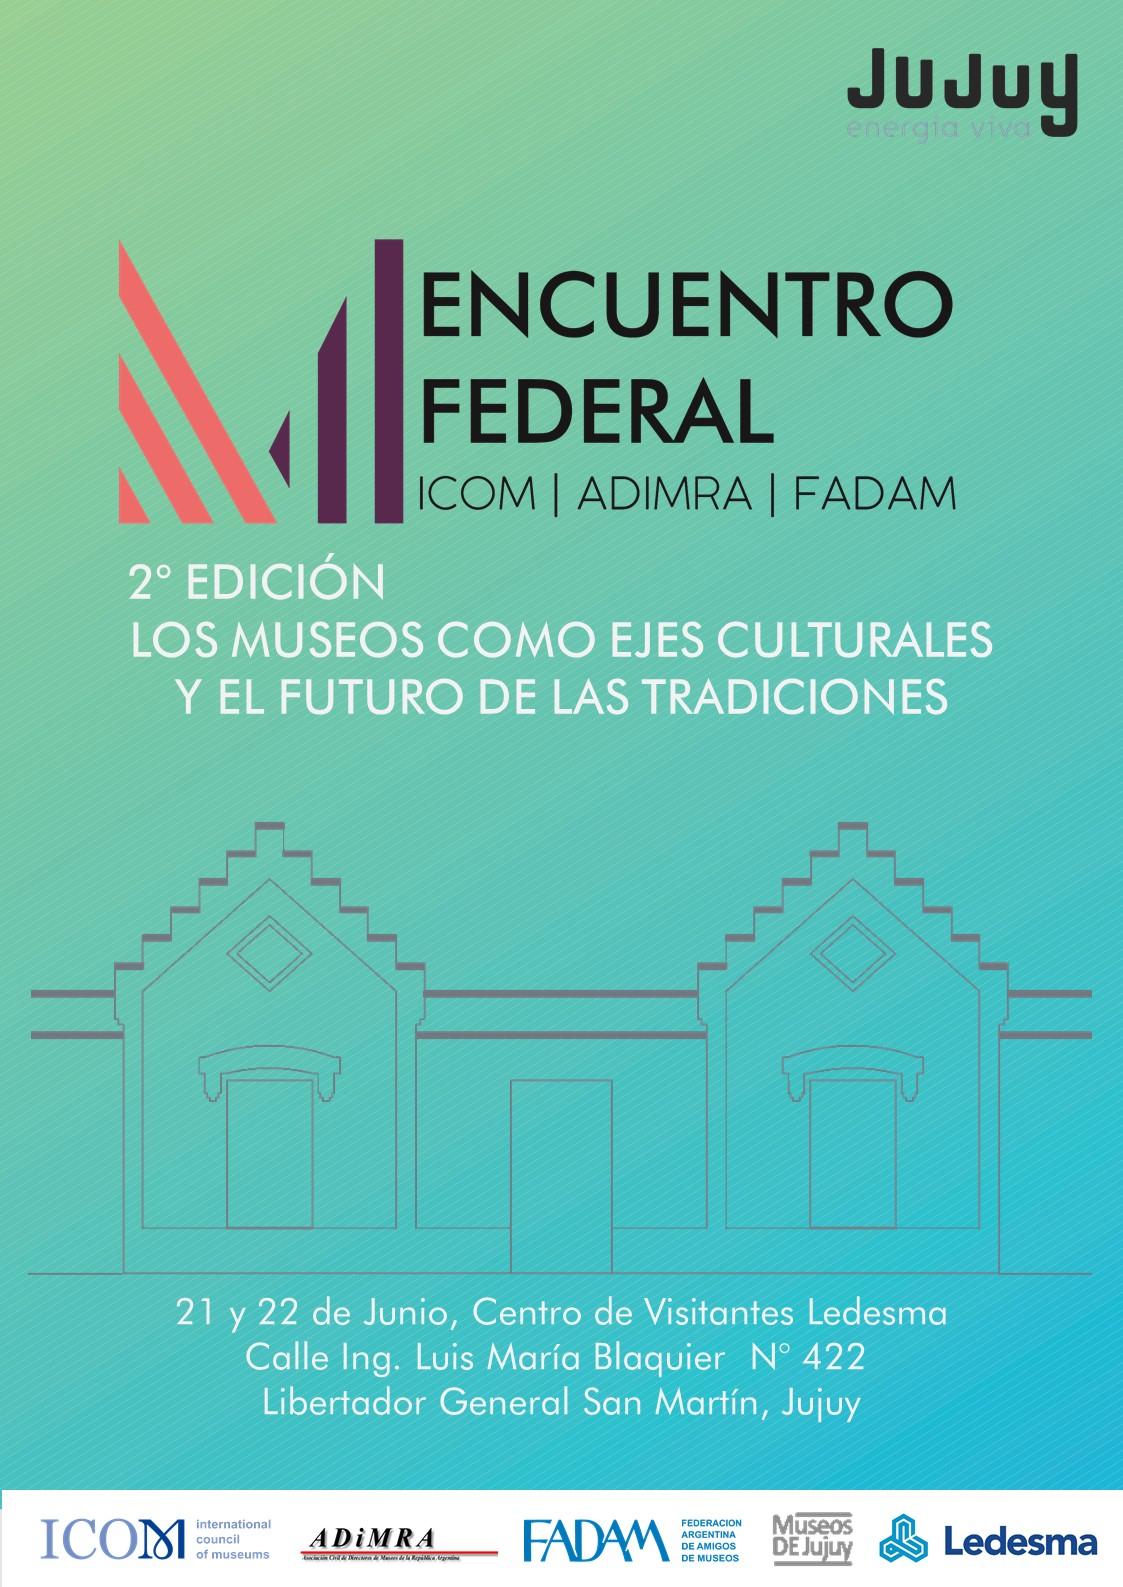 Encuentro Federal en el Centro de Visitantes Ledesma